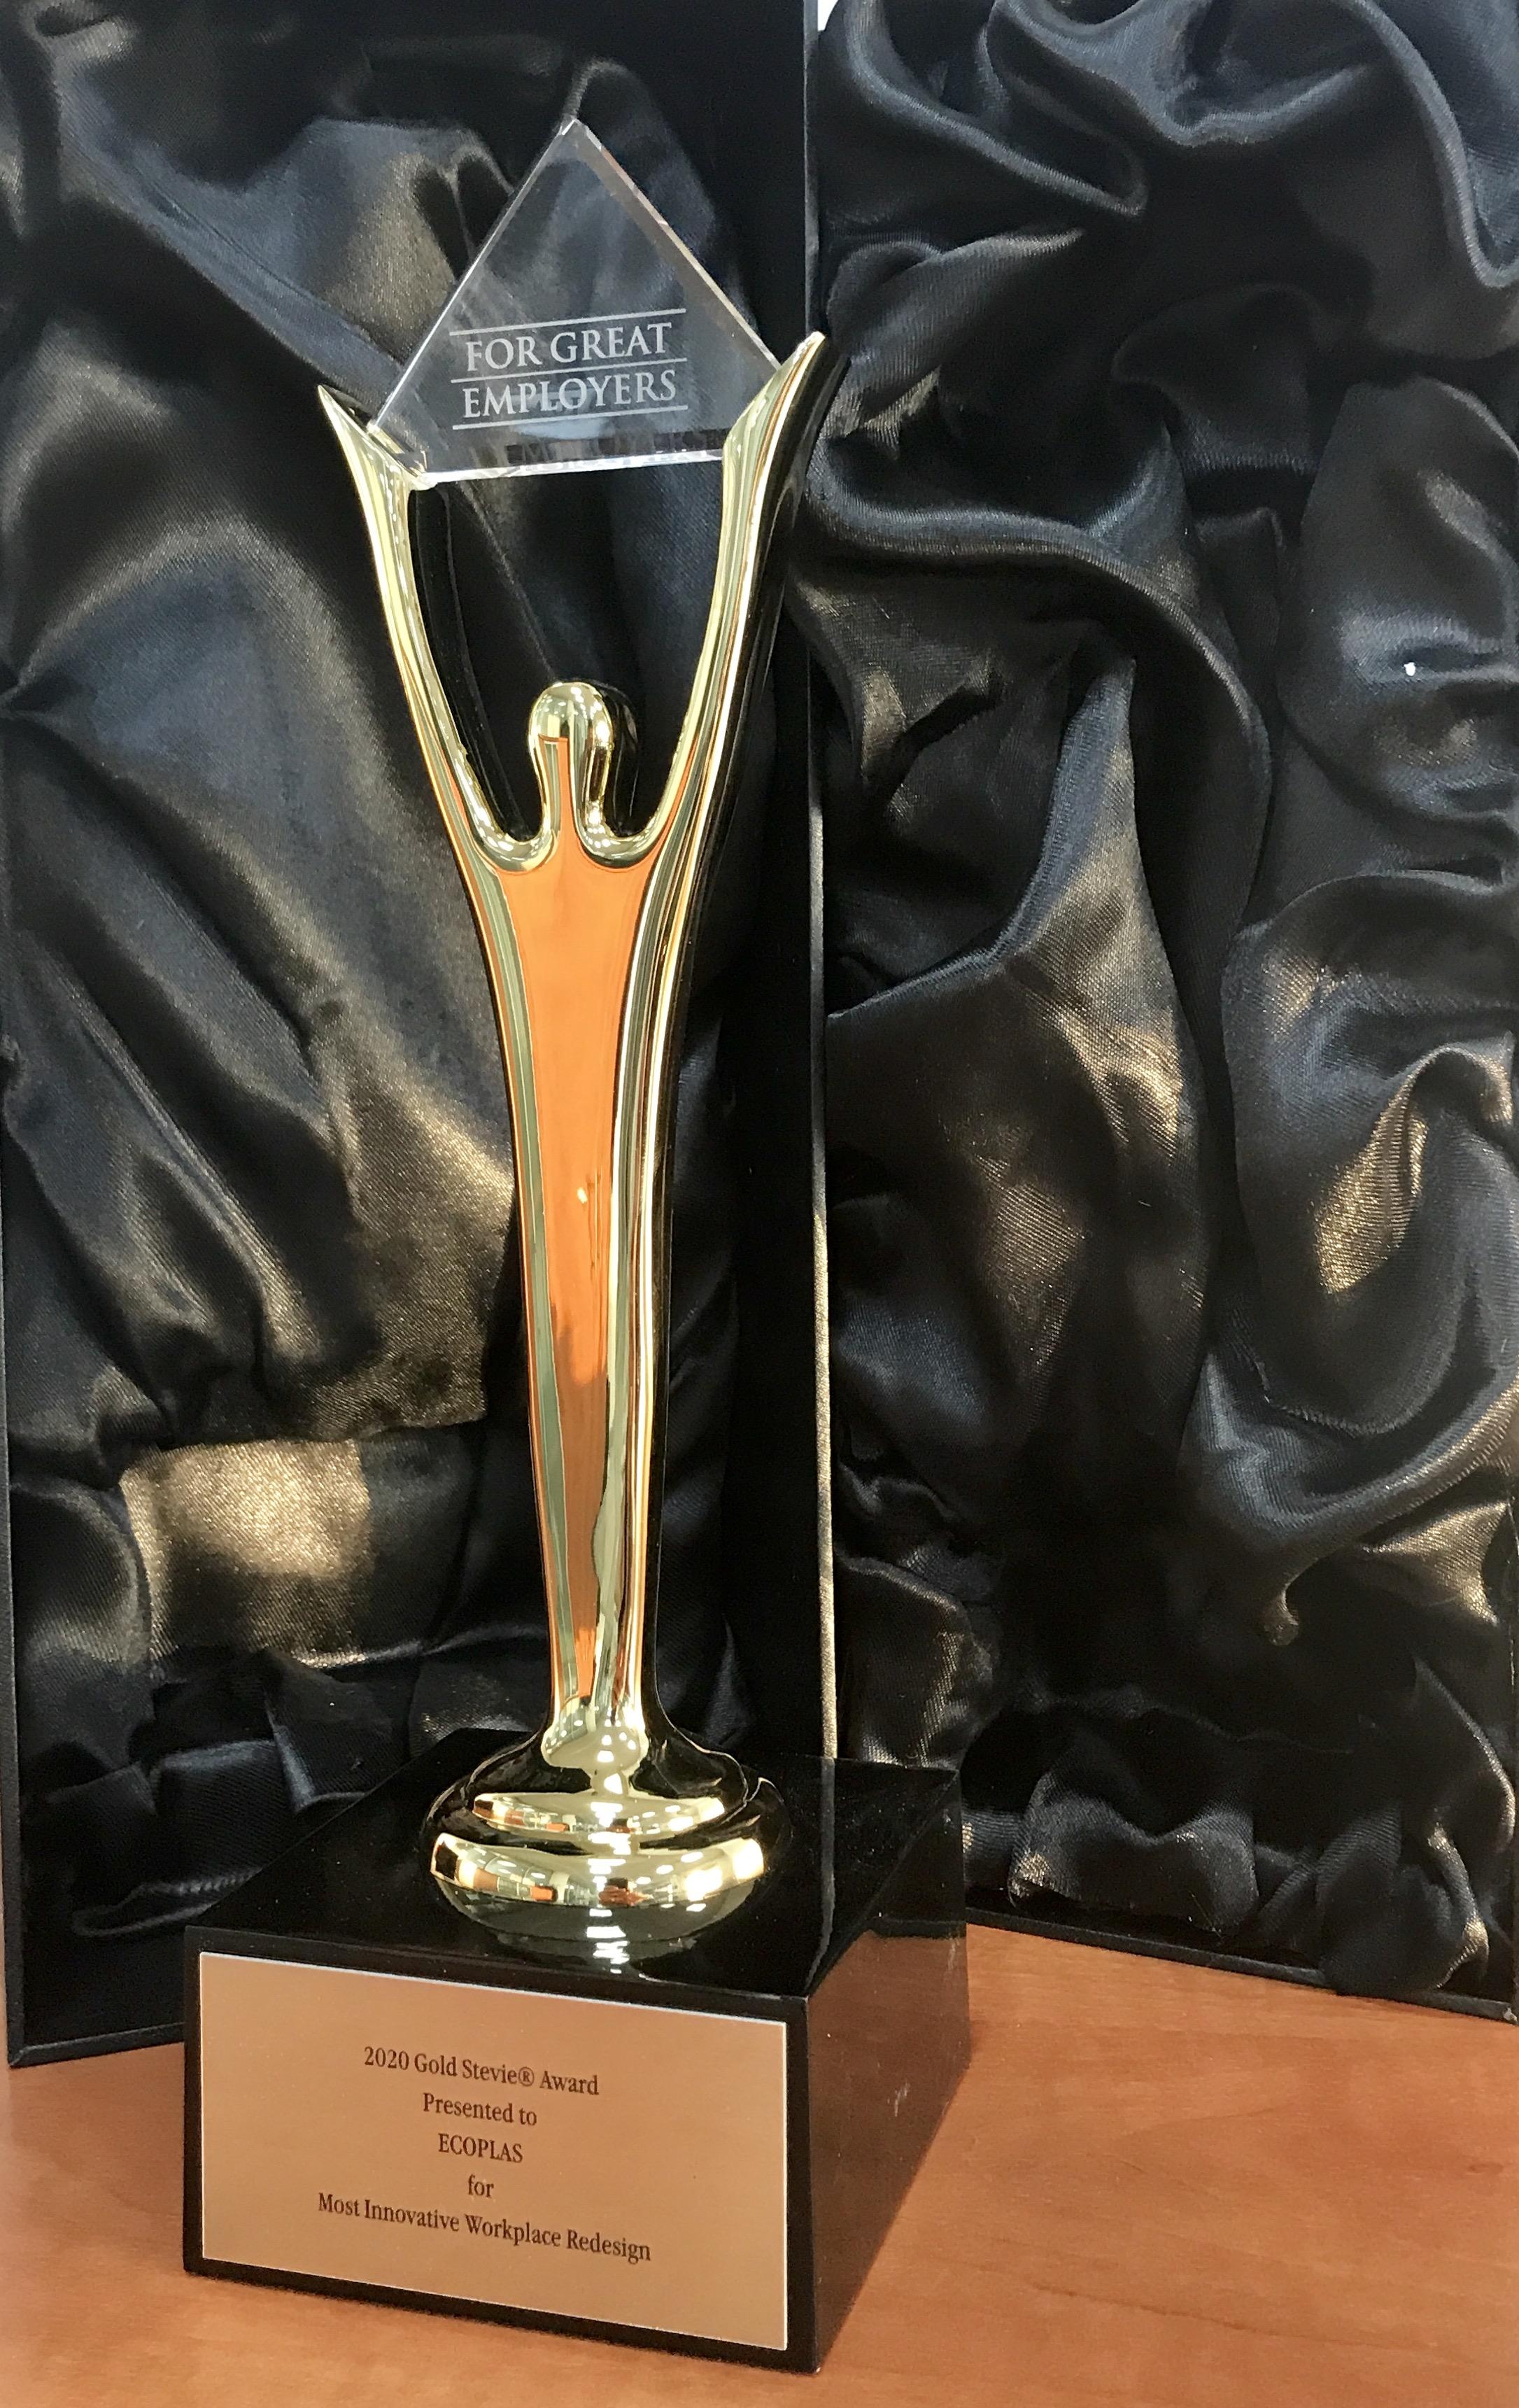 Stevie Awards 2020 - Gold